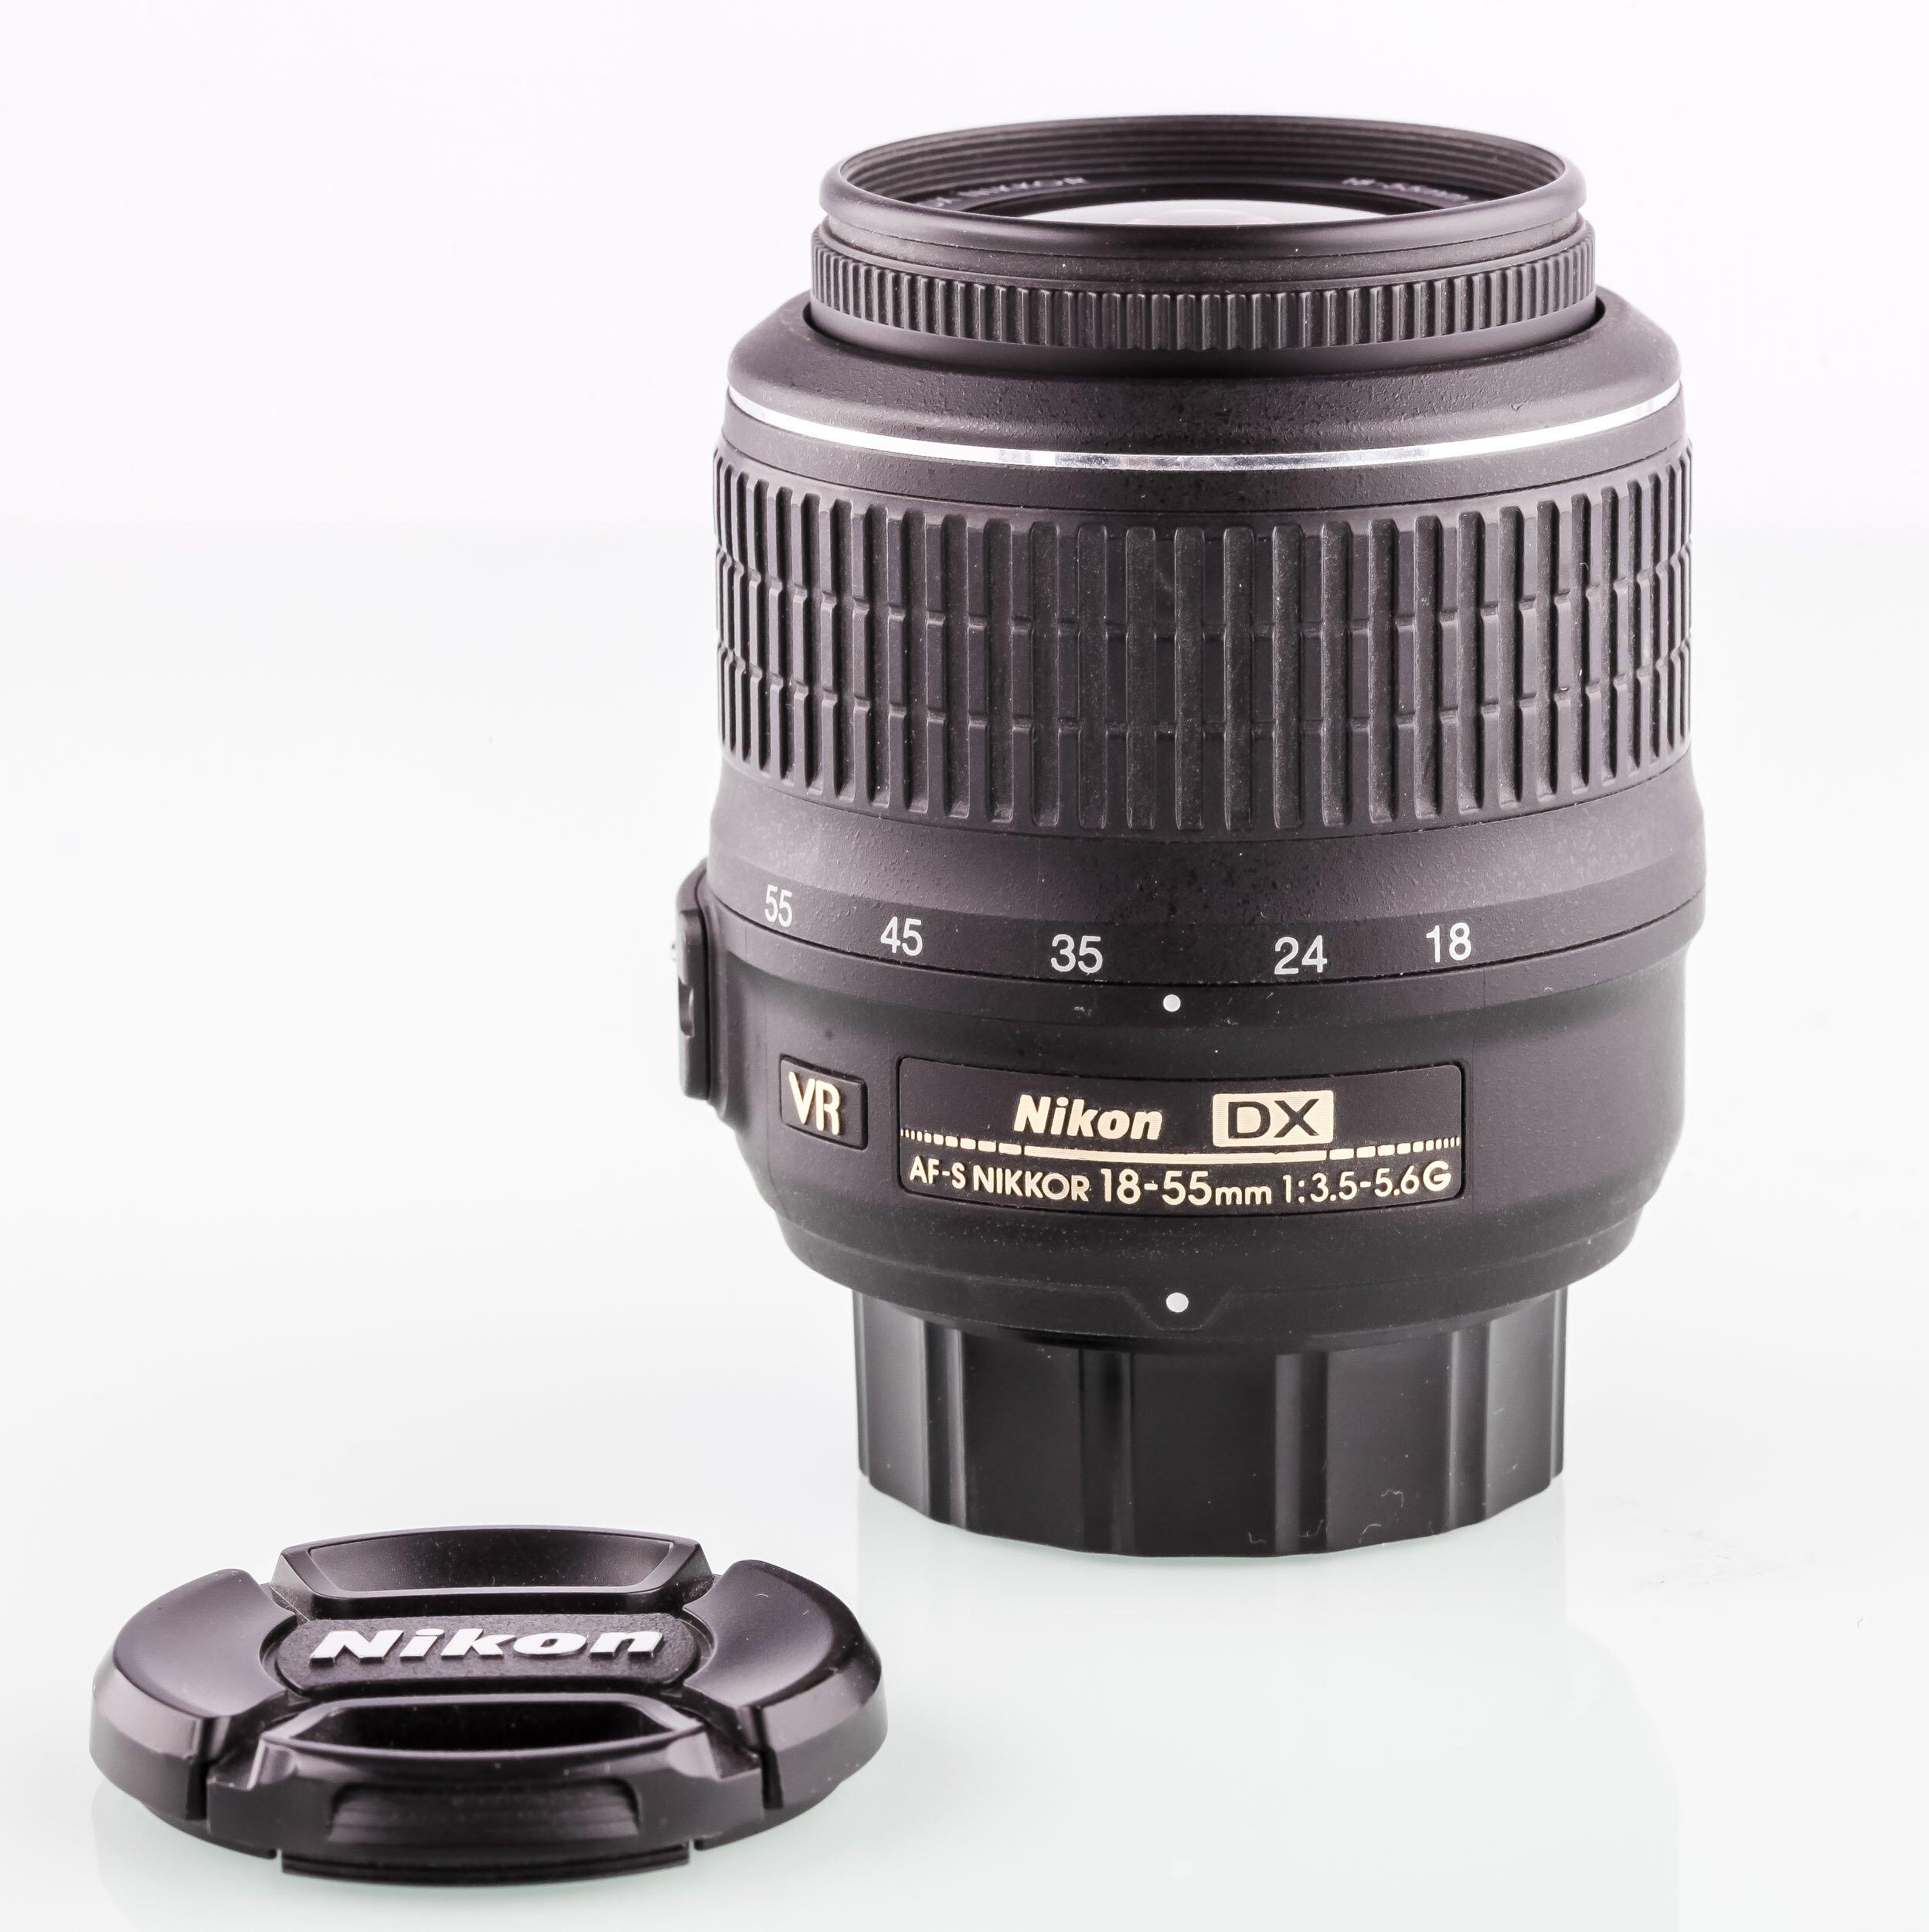 Nikon AF-S Nikkor 18-55mm 3,5-5,6G